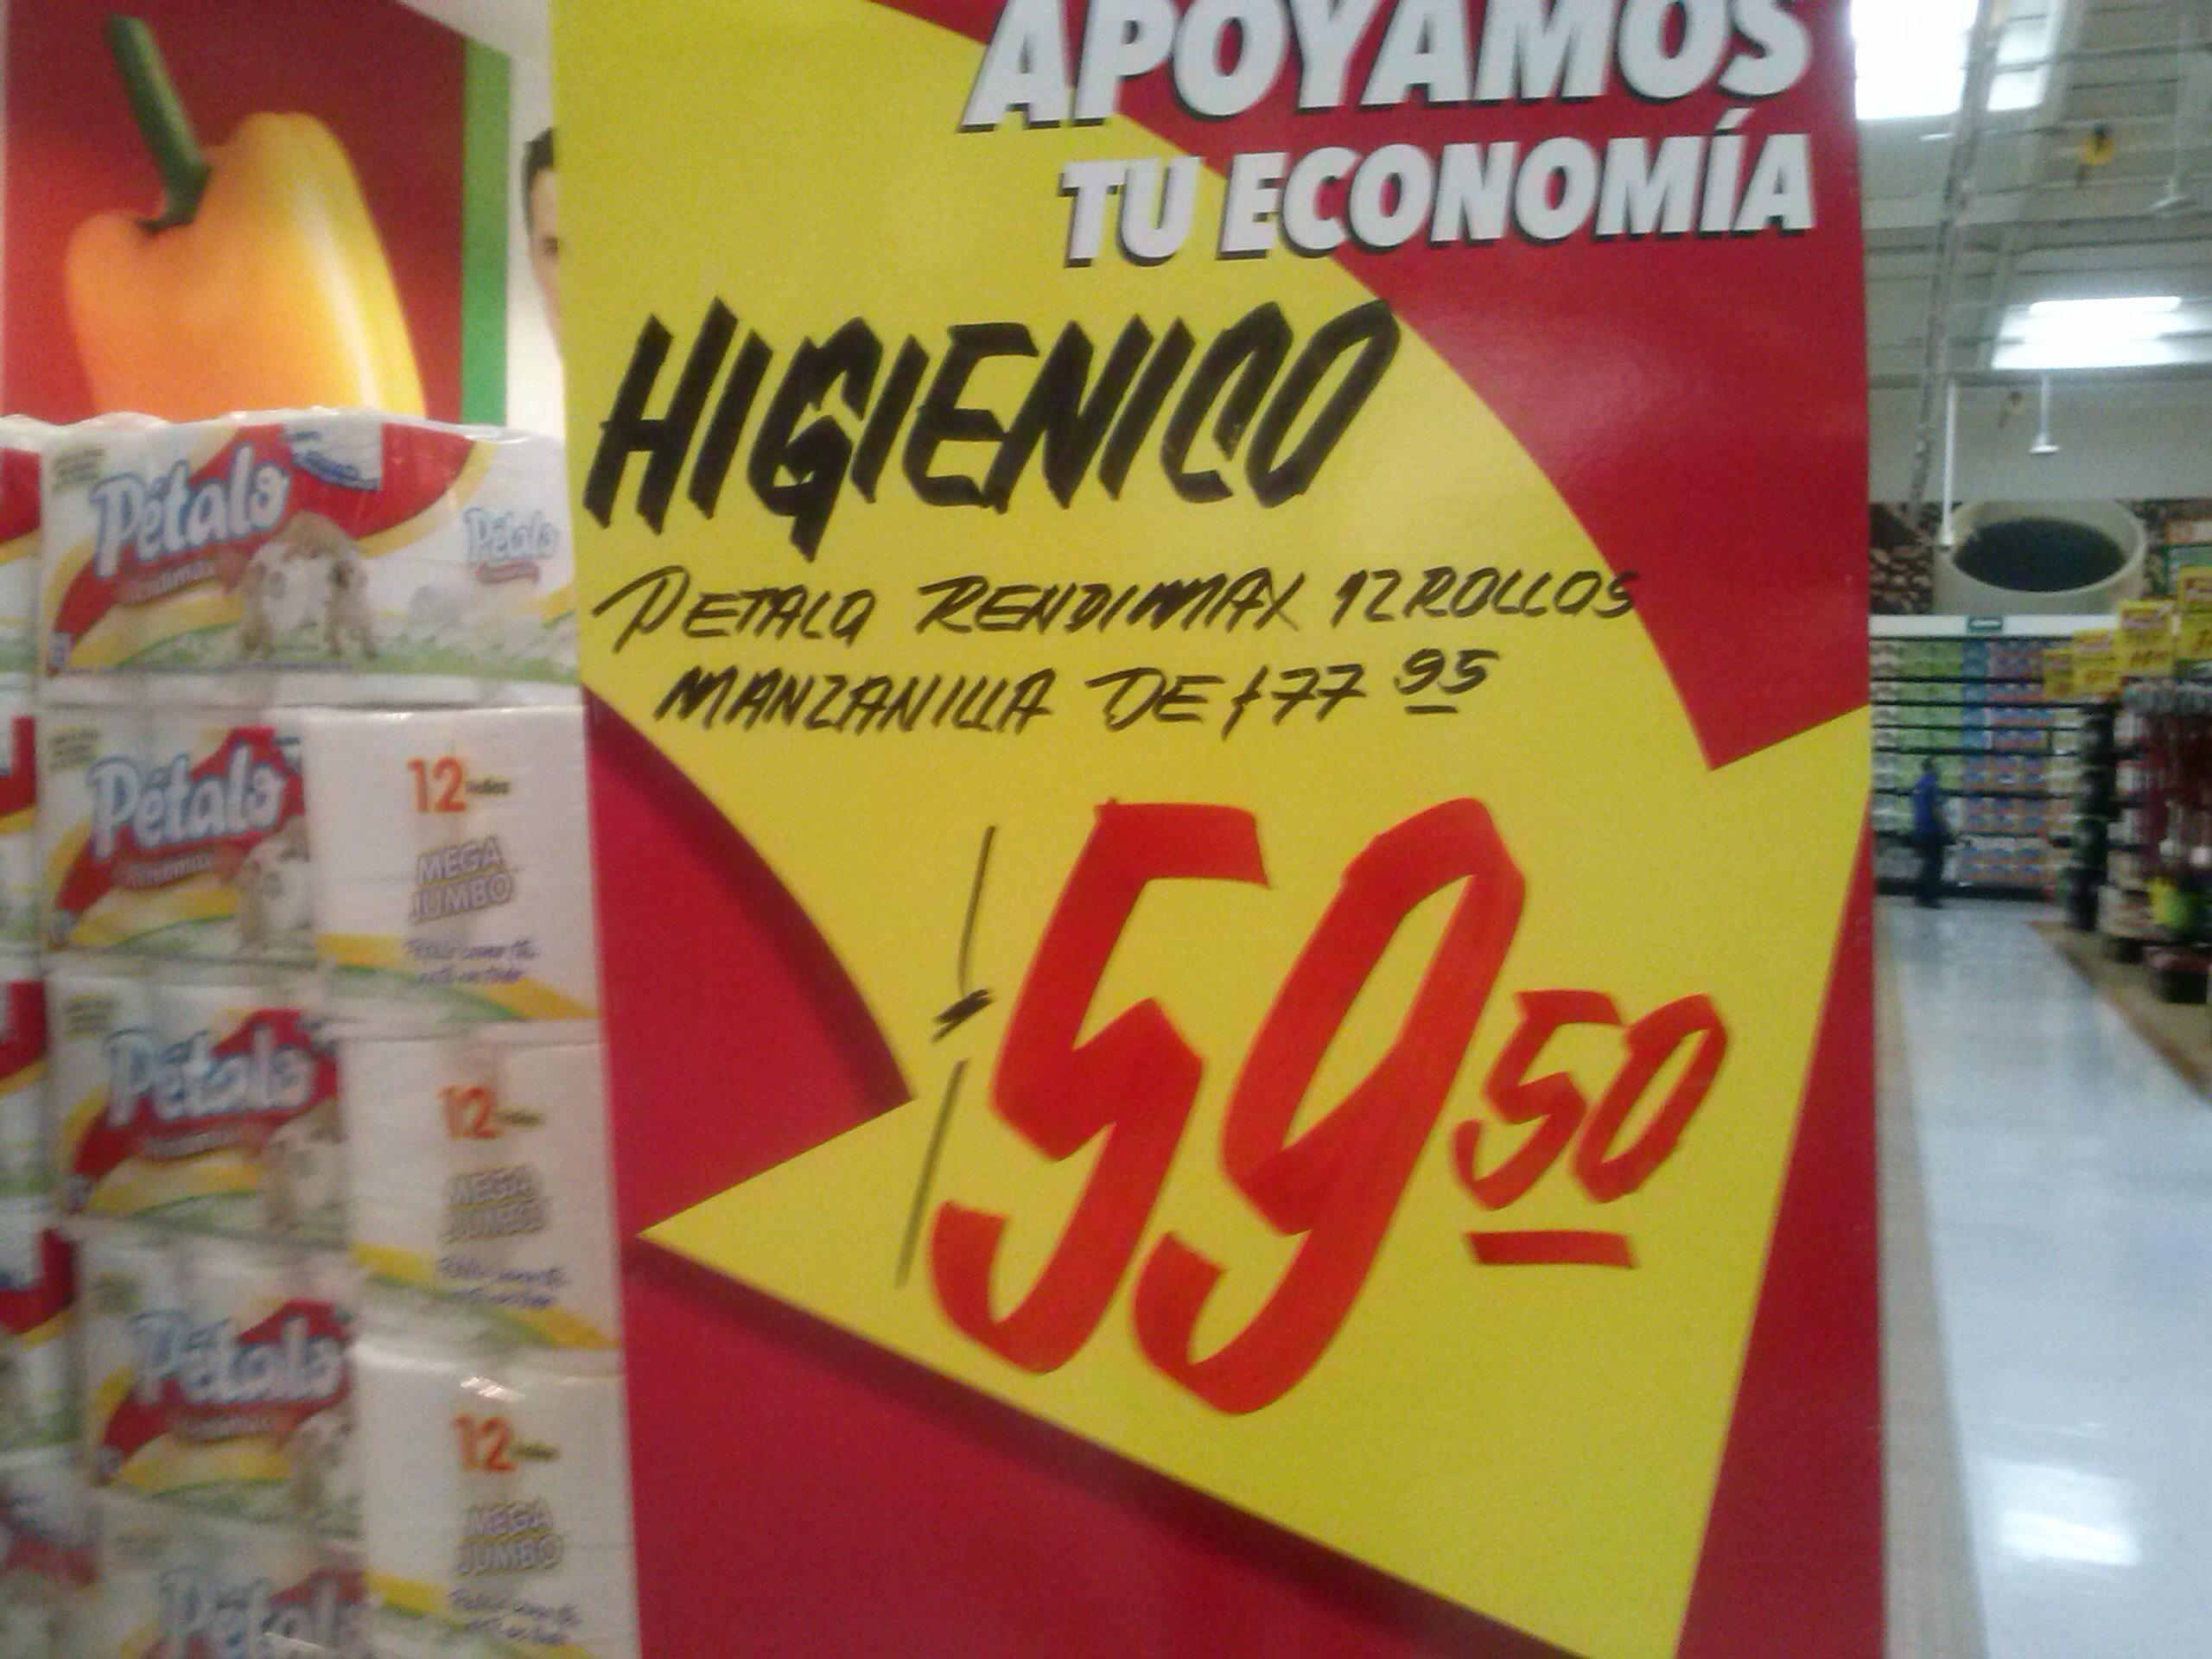 La Comer: Papel Higiénico Pétalo Rendimax Manzanilla 12 Rollos $59.50